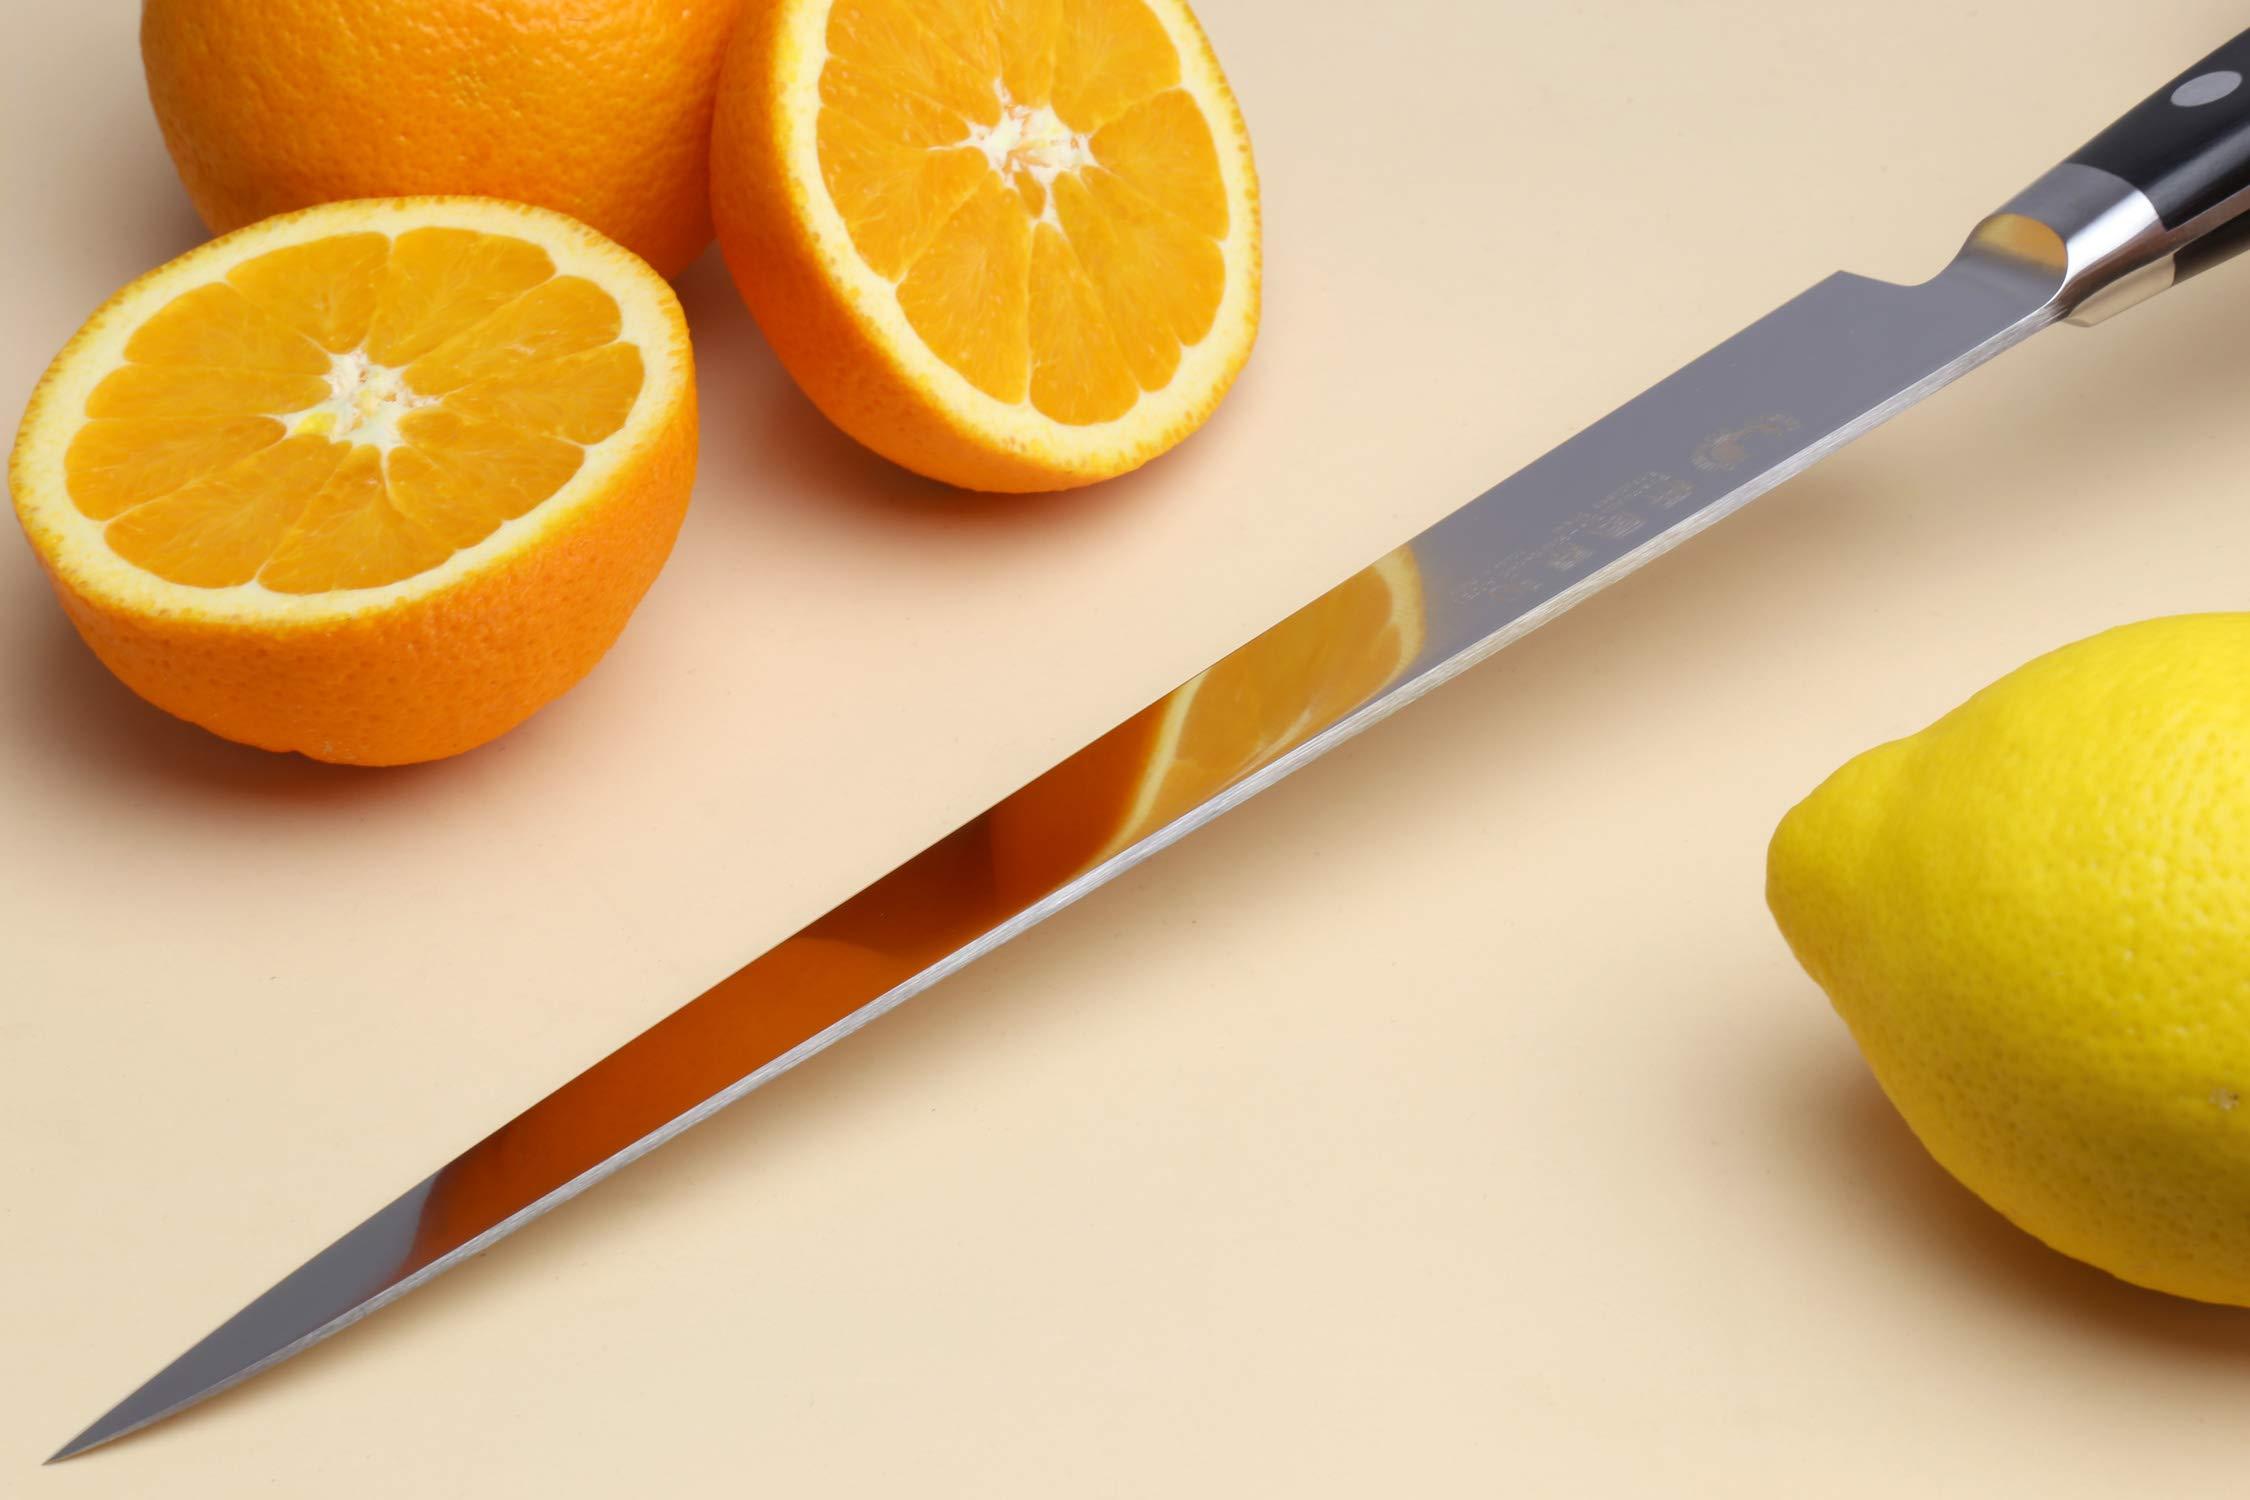 Yoshihiro 240mm Inox Sujihiki Japanese Chef Knife, 9.5-Inch by Yoshihiro (Image #7)